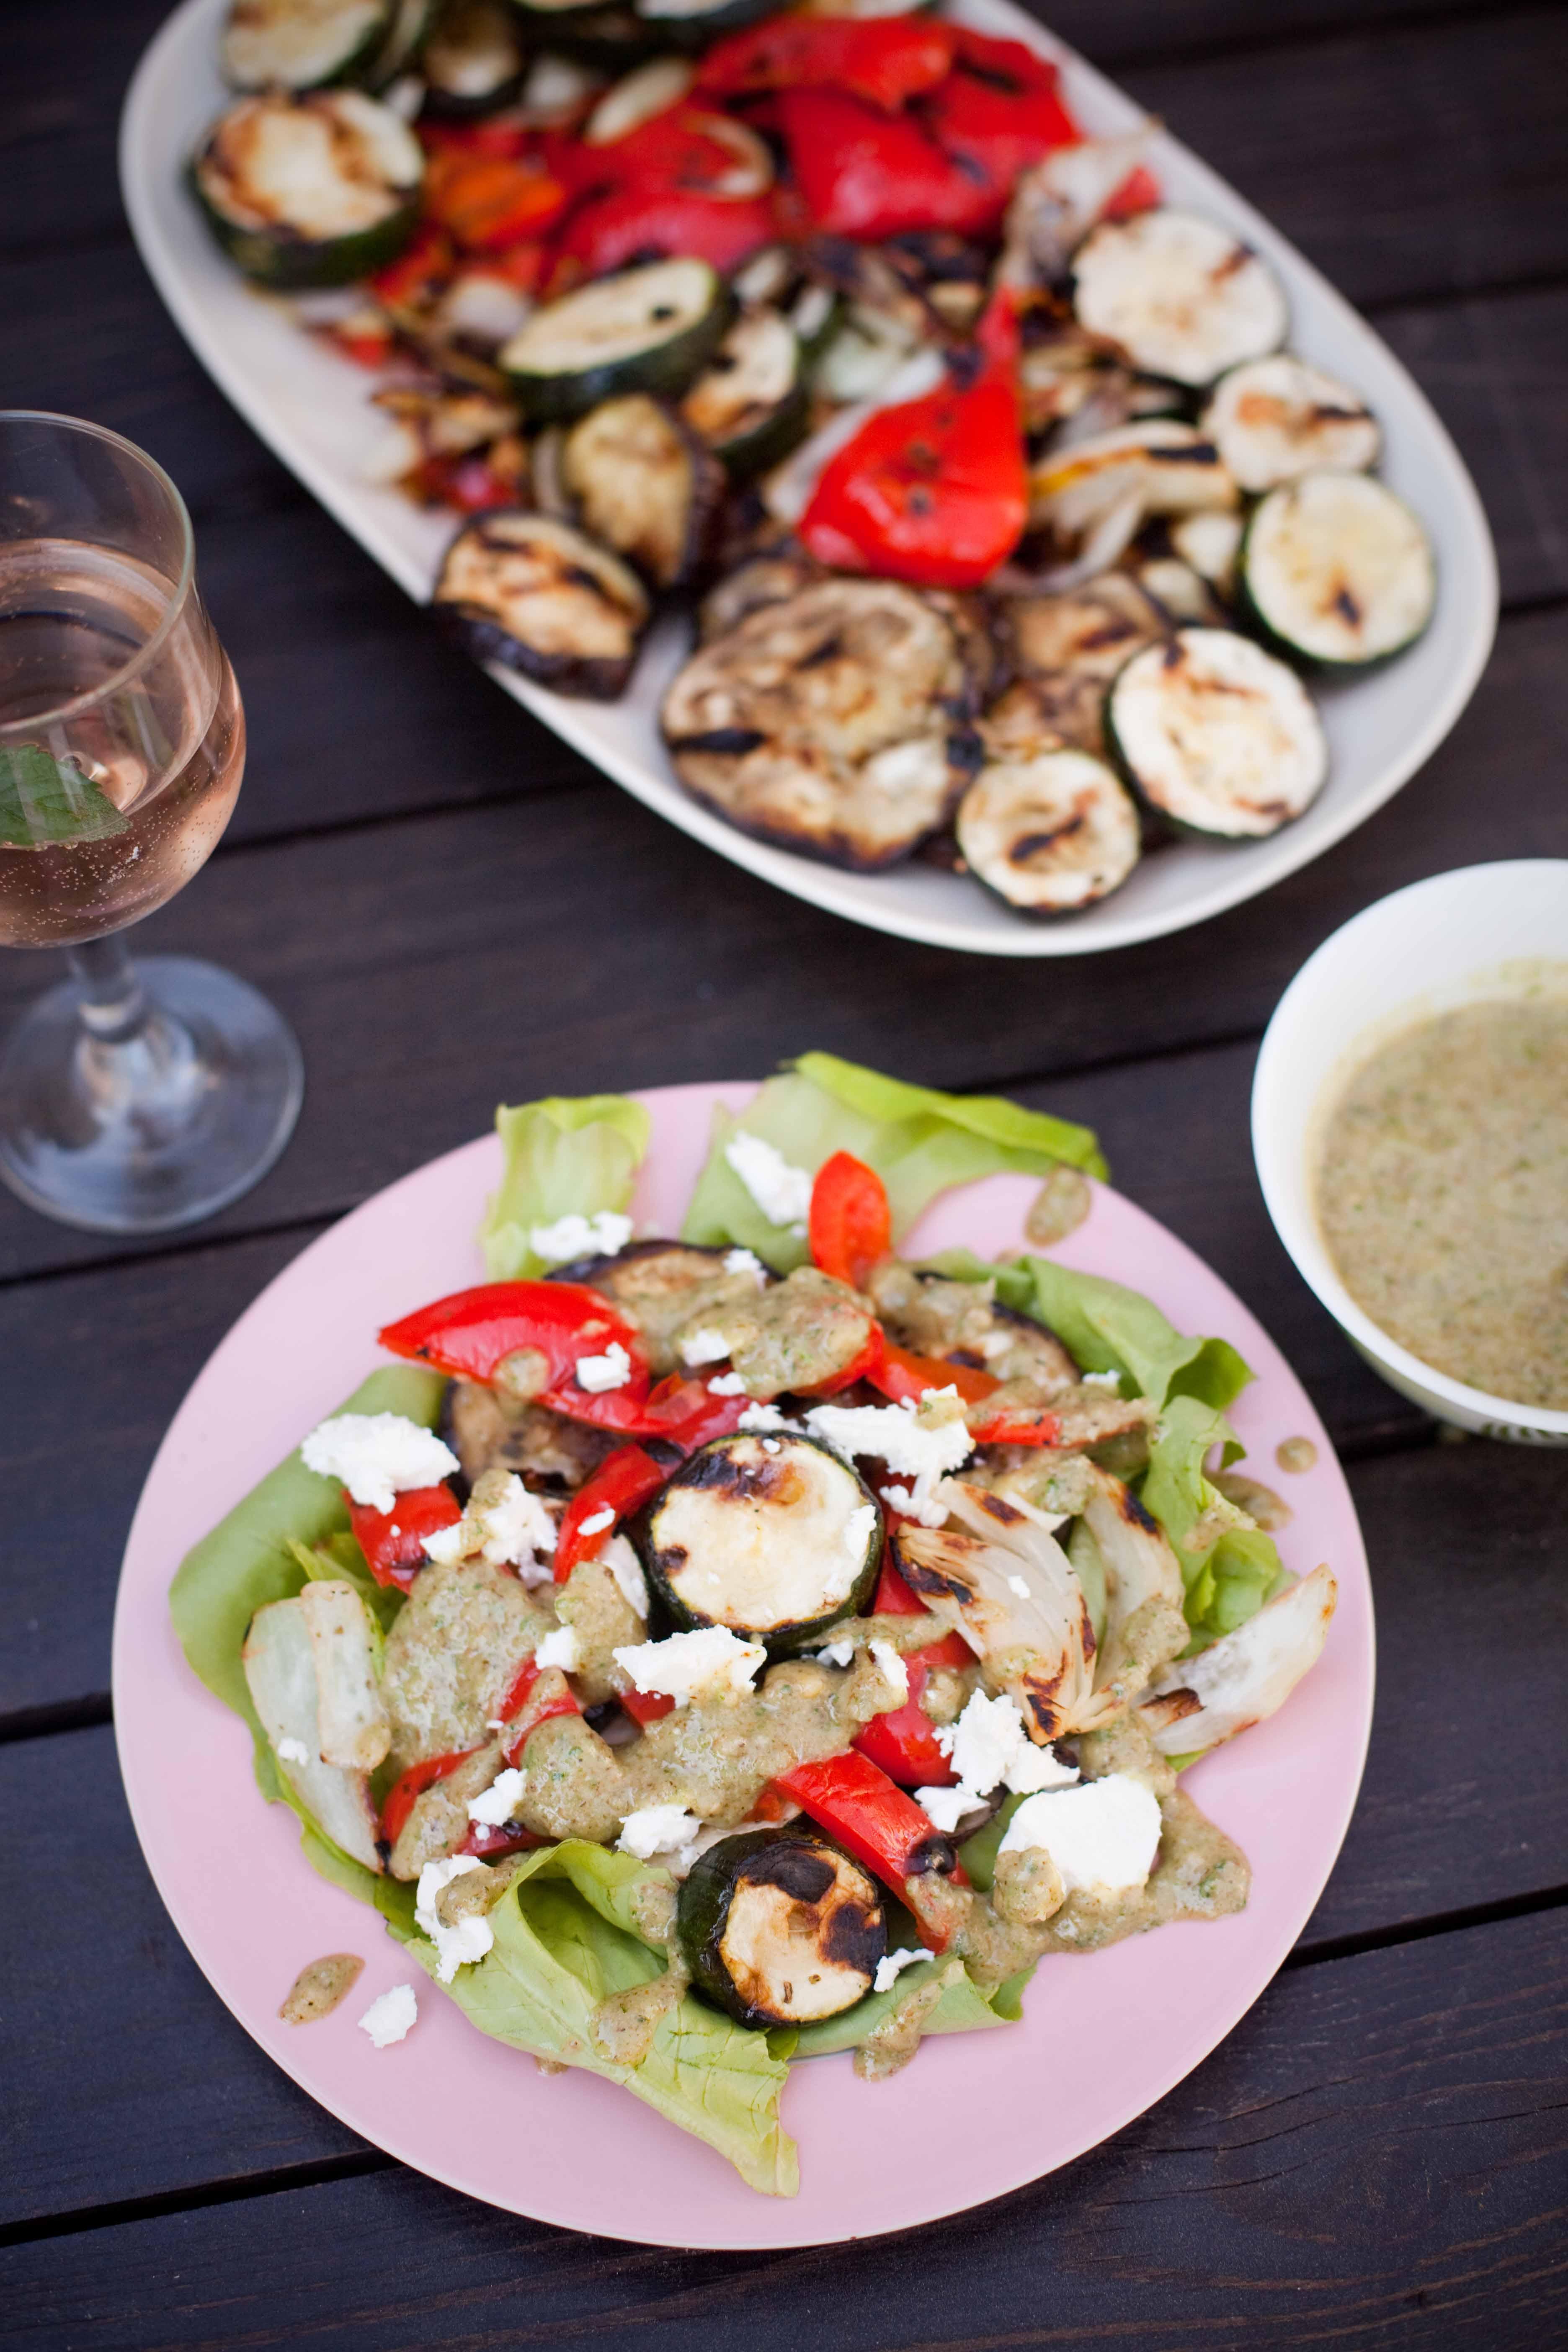 salatka-a-grillowanymi-warzywami